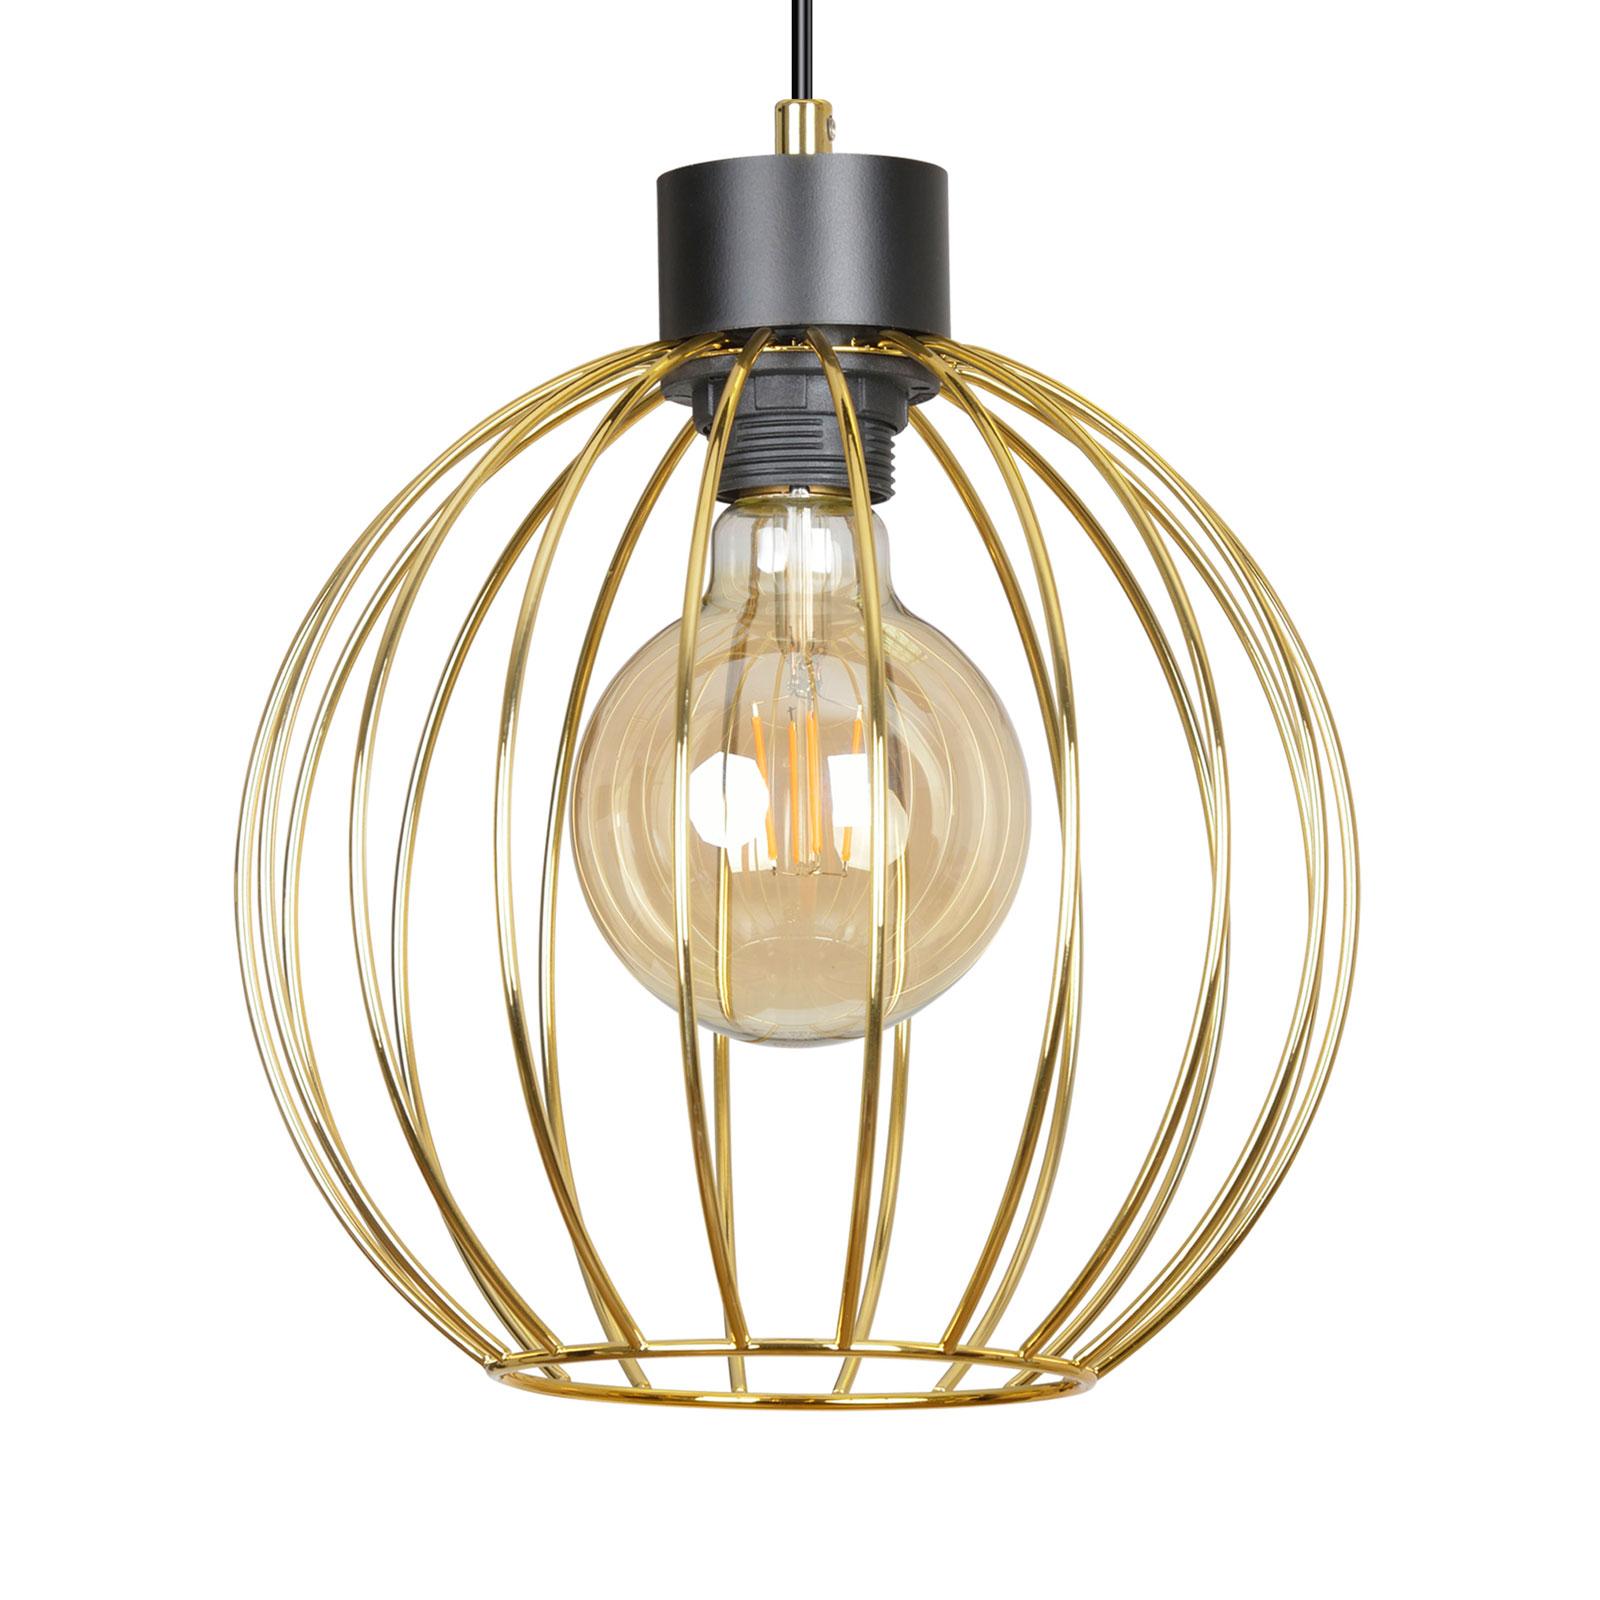 Hanglamp Pineta 1 in zwart, kap goud